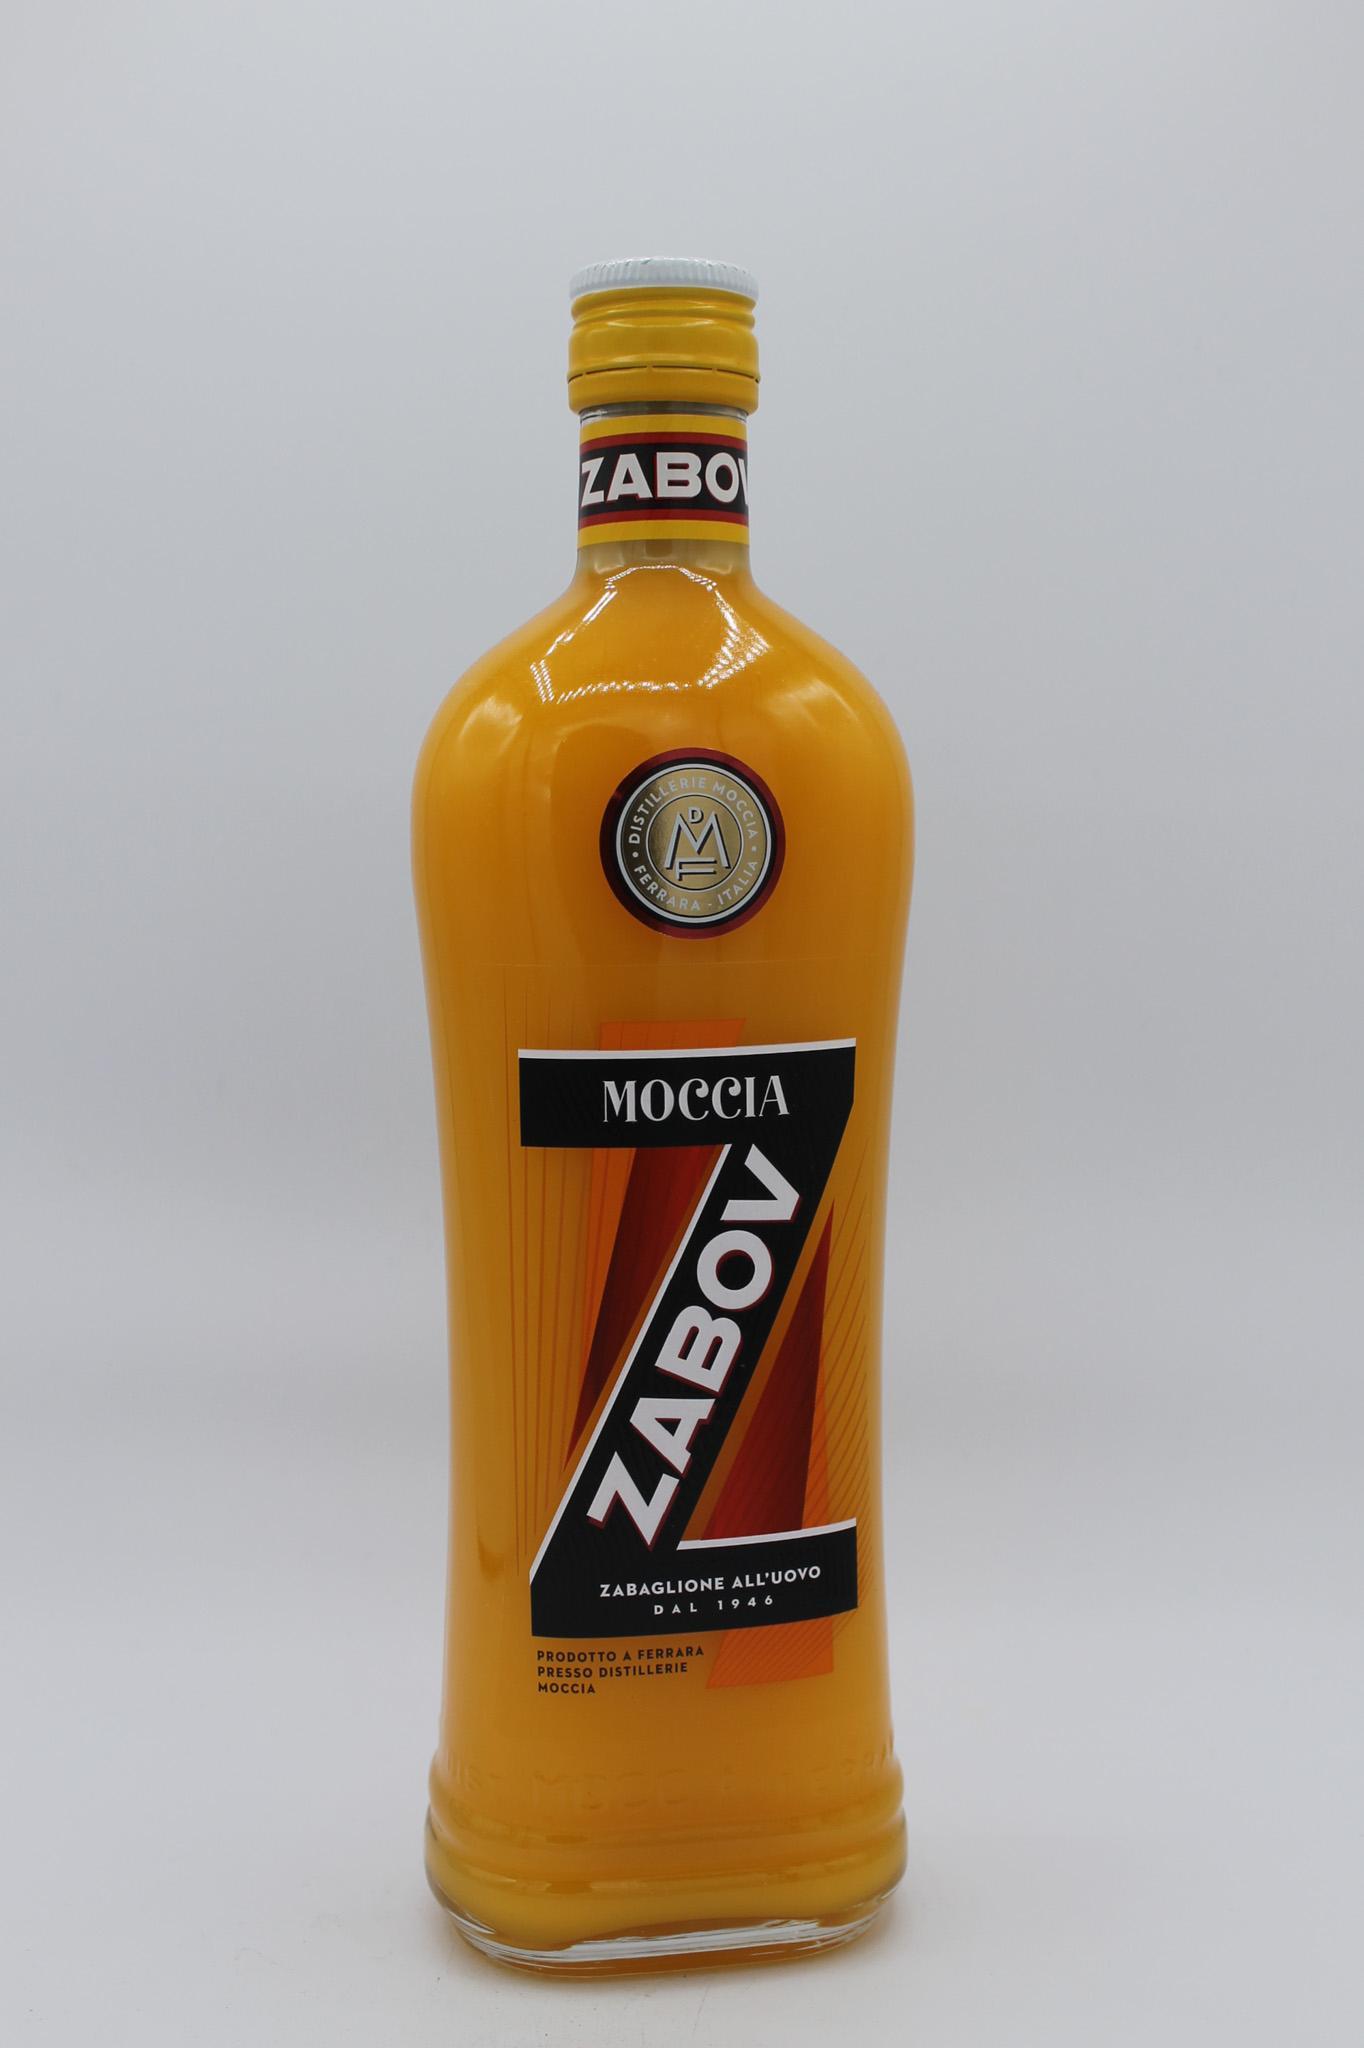 Moccia zabov liquore all' uovo 700ml.